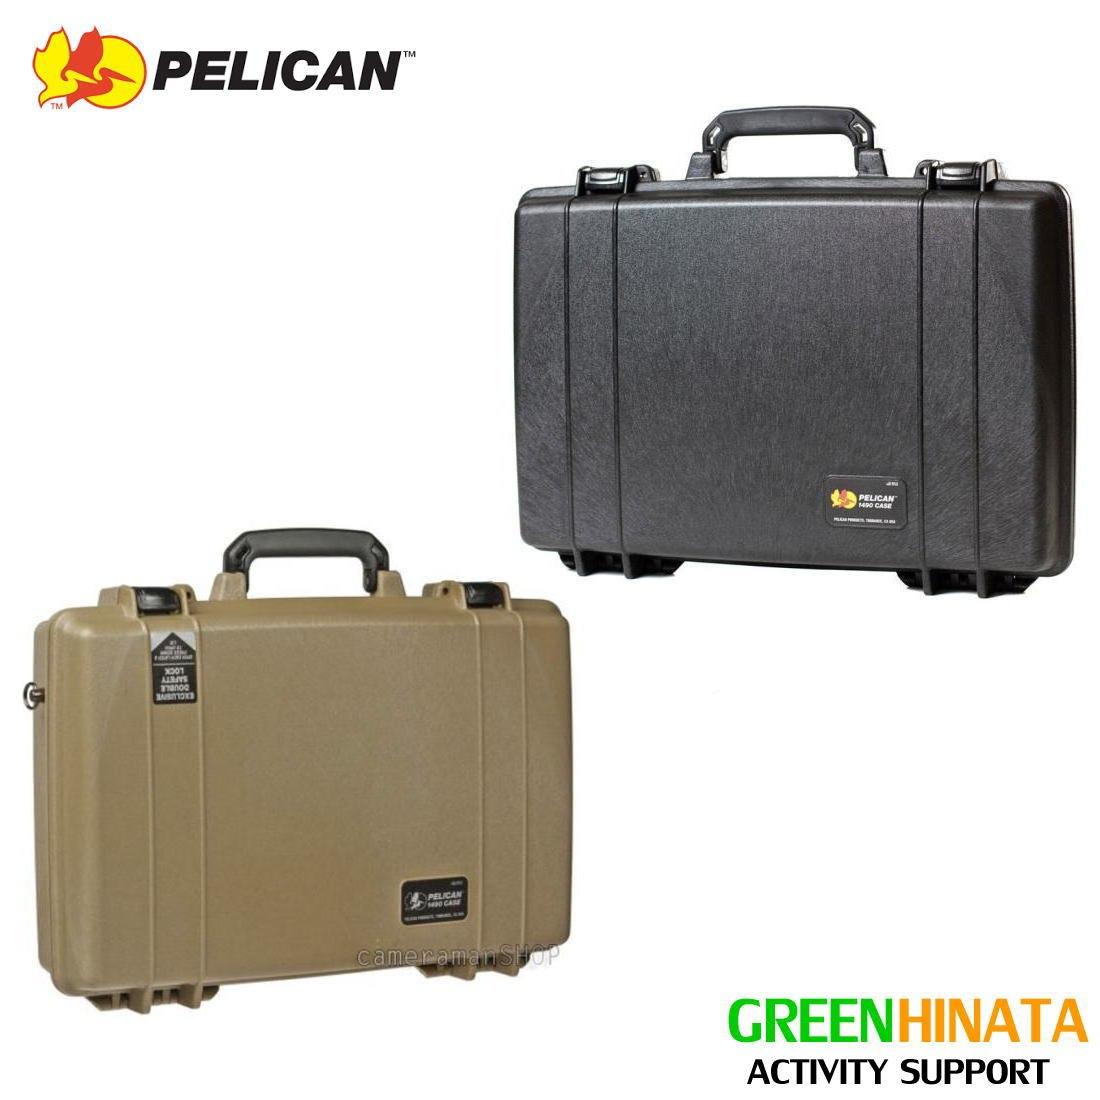 【自社在庫品】 ペリカン 1490CC1 防水ケース PCケース CC1 オーガナイザー付 PELICAN Waterproof Case 1490CC#1 WL/WCA